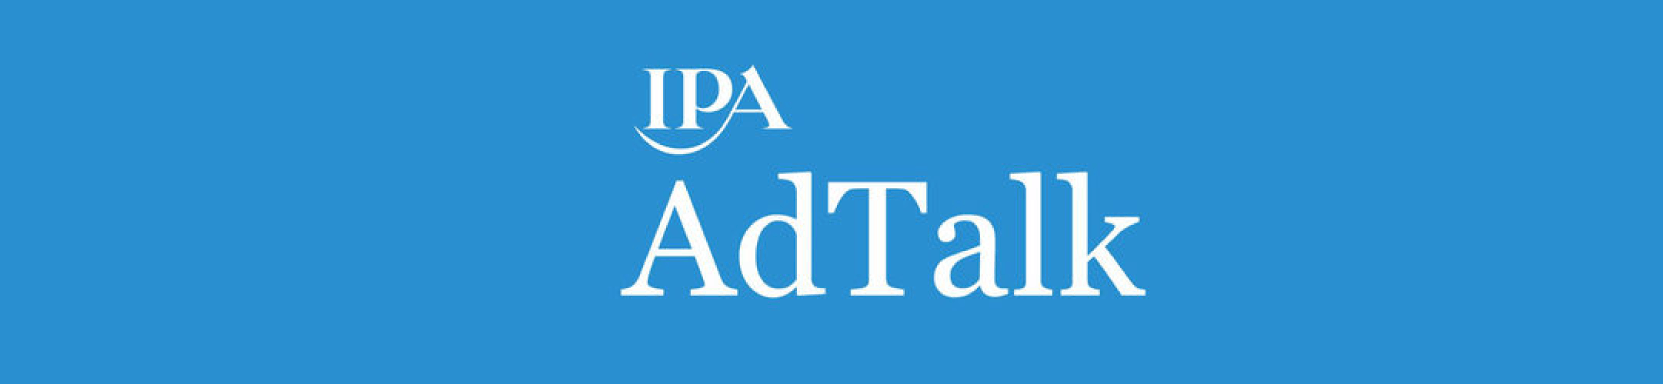 IPA AdTalk Podcast